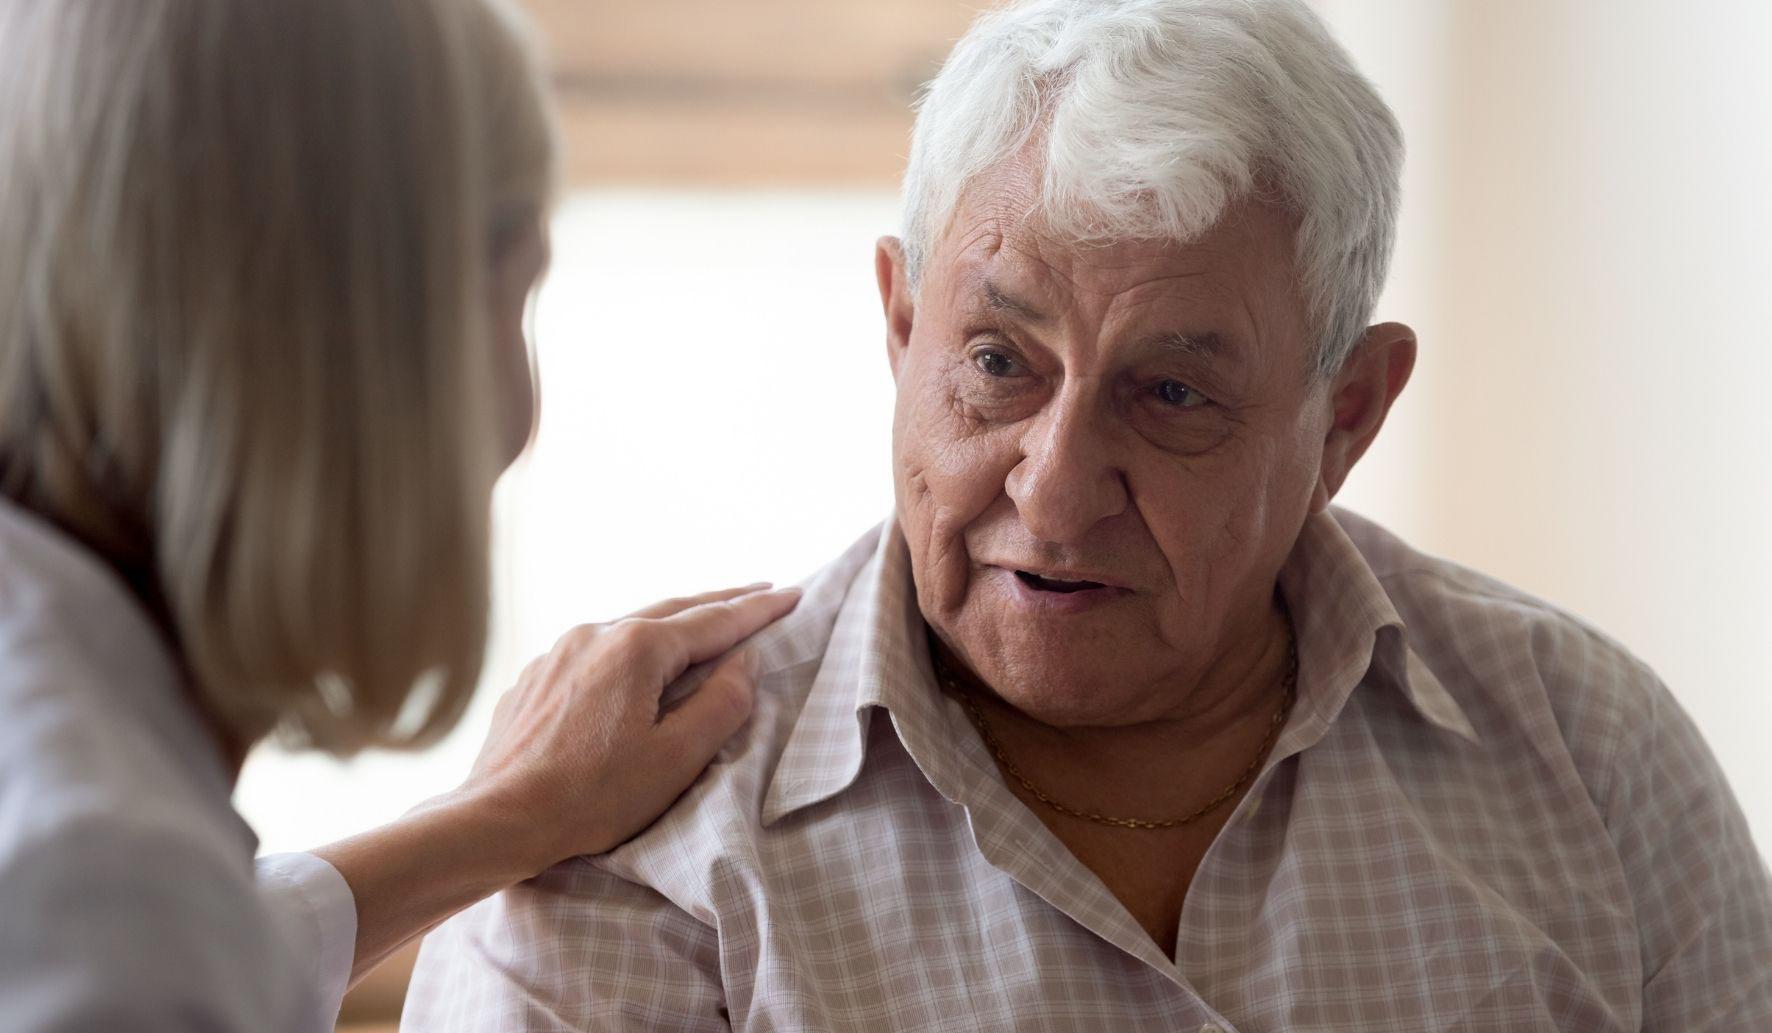 Une aide médico-psychologique avec une personne âgée